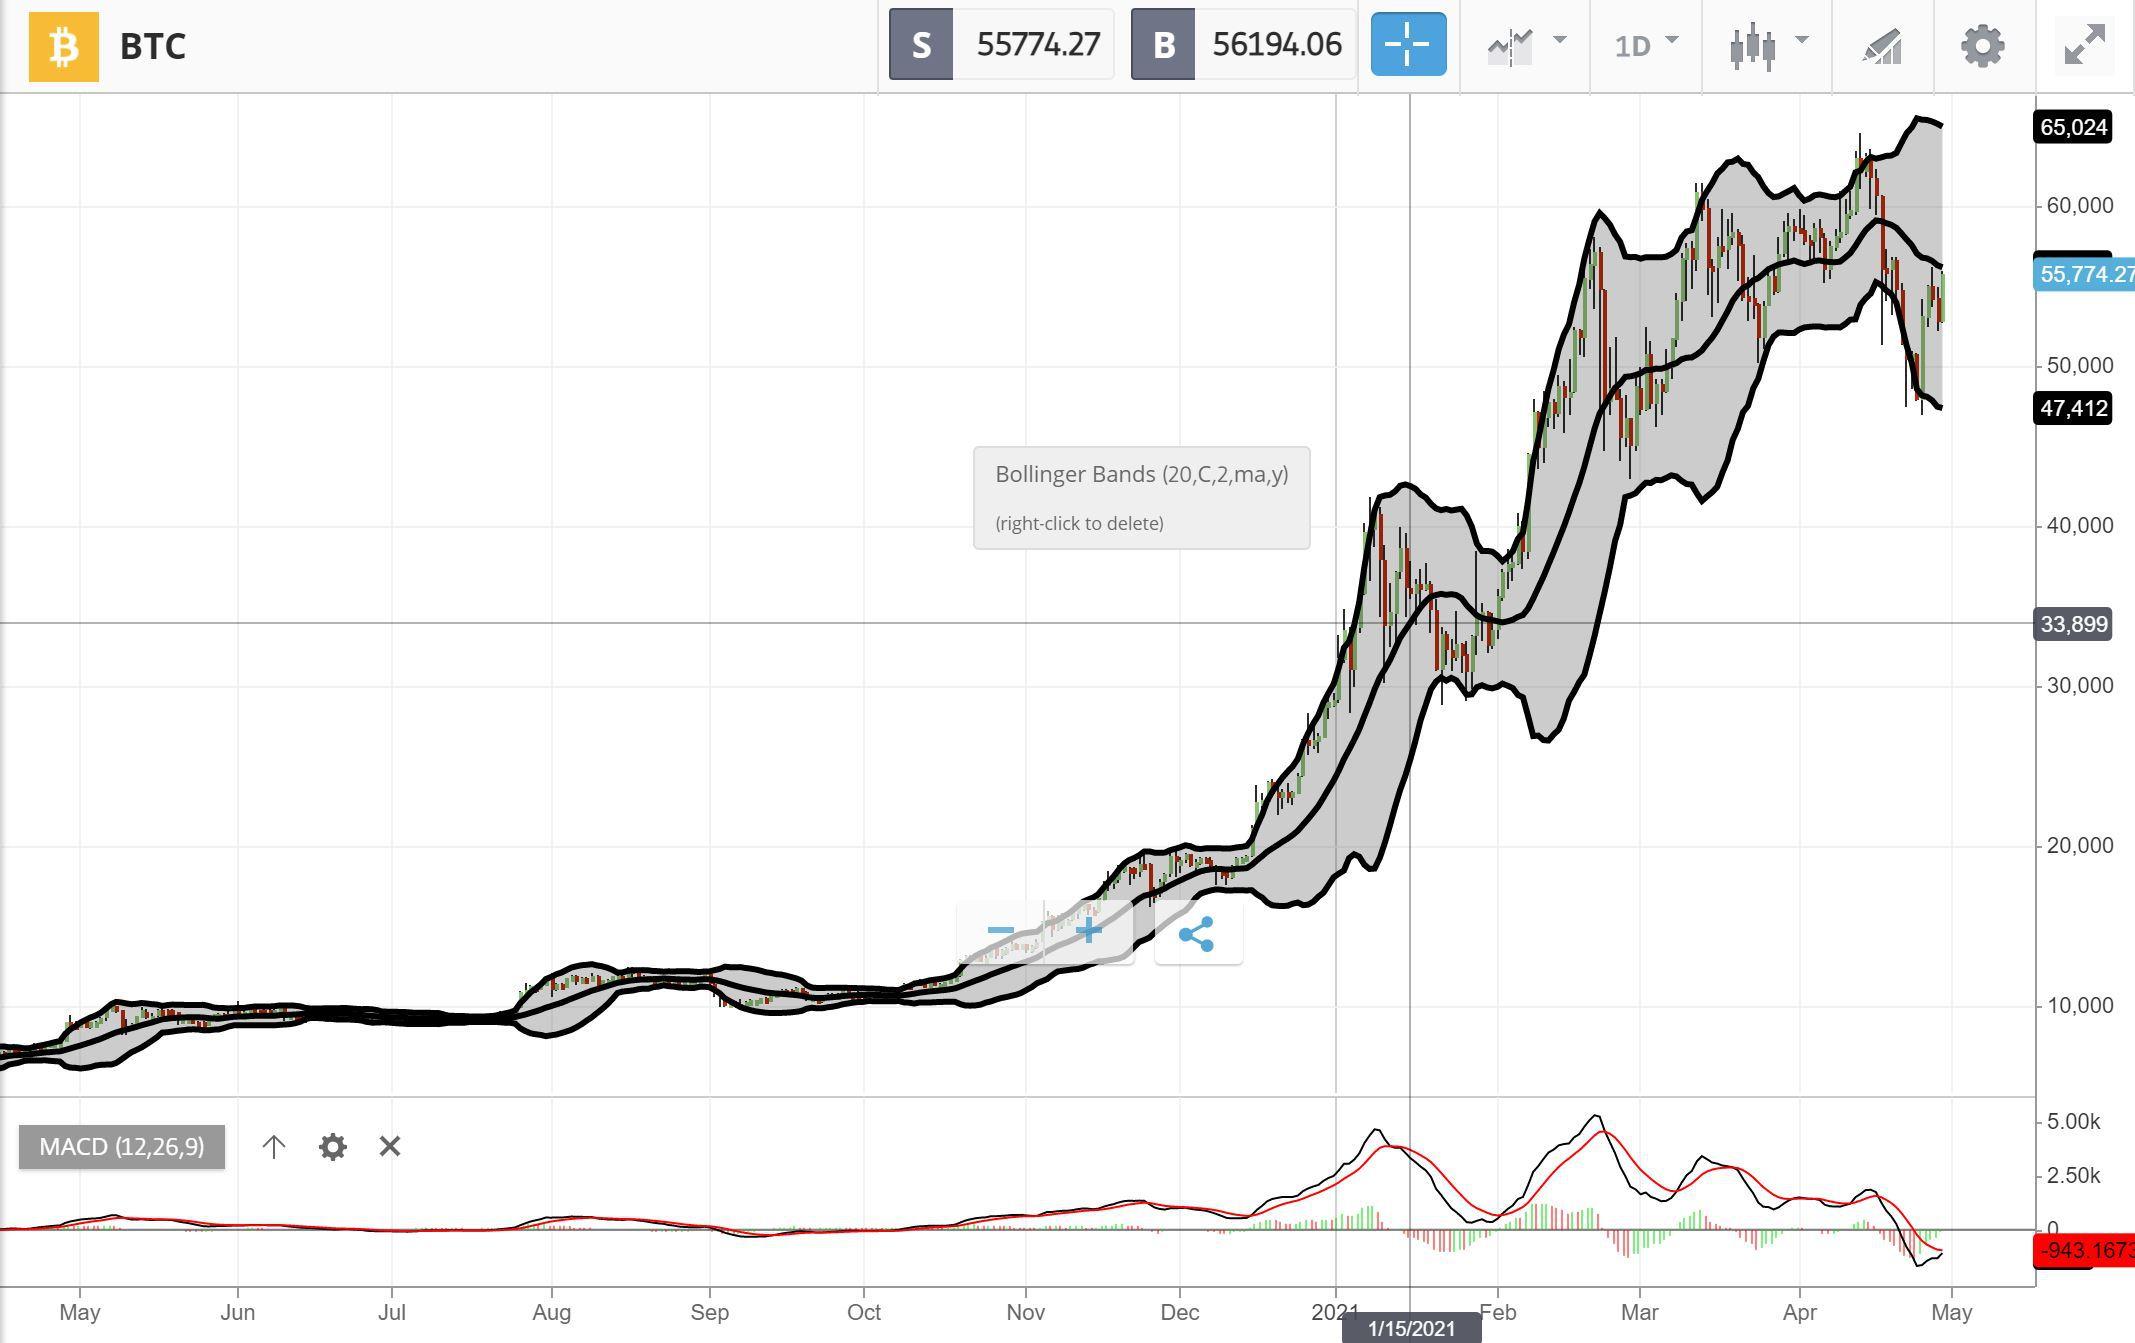 Bitcoin Technical Analysis on eToro